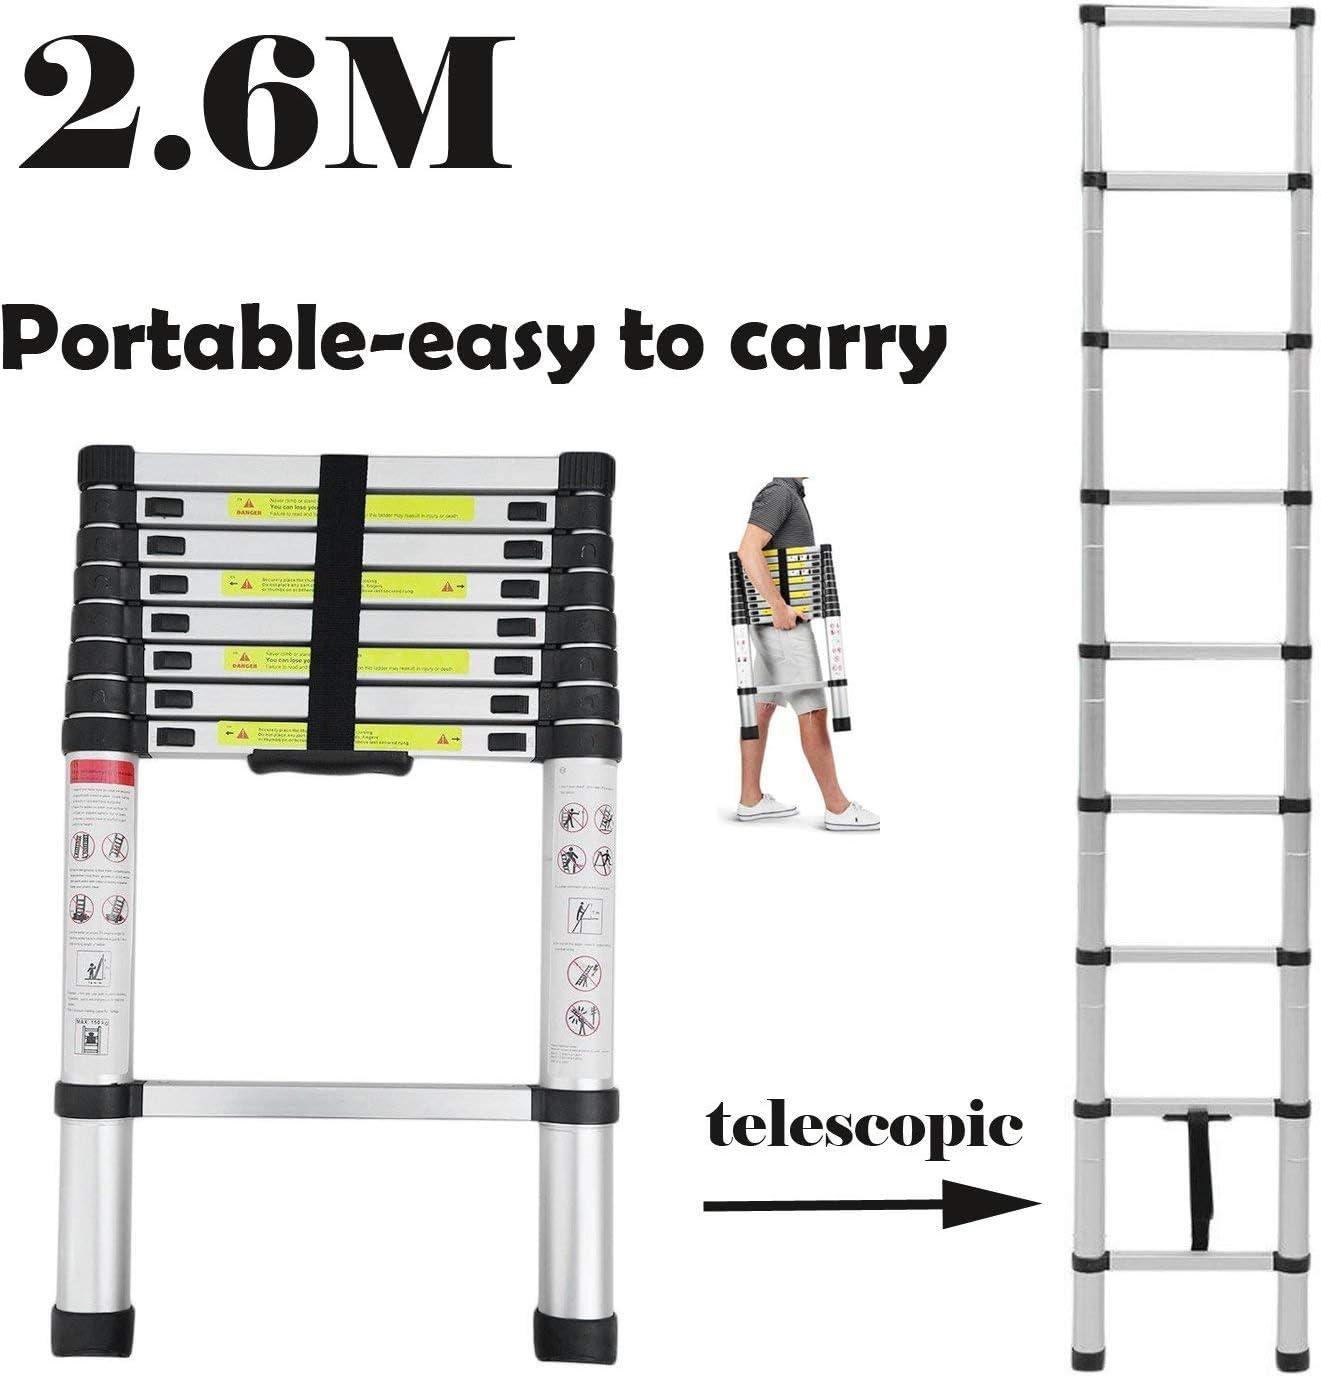 2.6M extensible escalera de aluminio plegables telescópicas Pinzas Escaleras - 8,5 base antideslizante de goma Escalera manga dljyy: Amazon.es: Bricolaje y herramientas